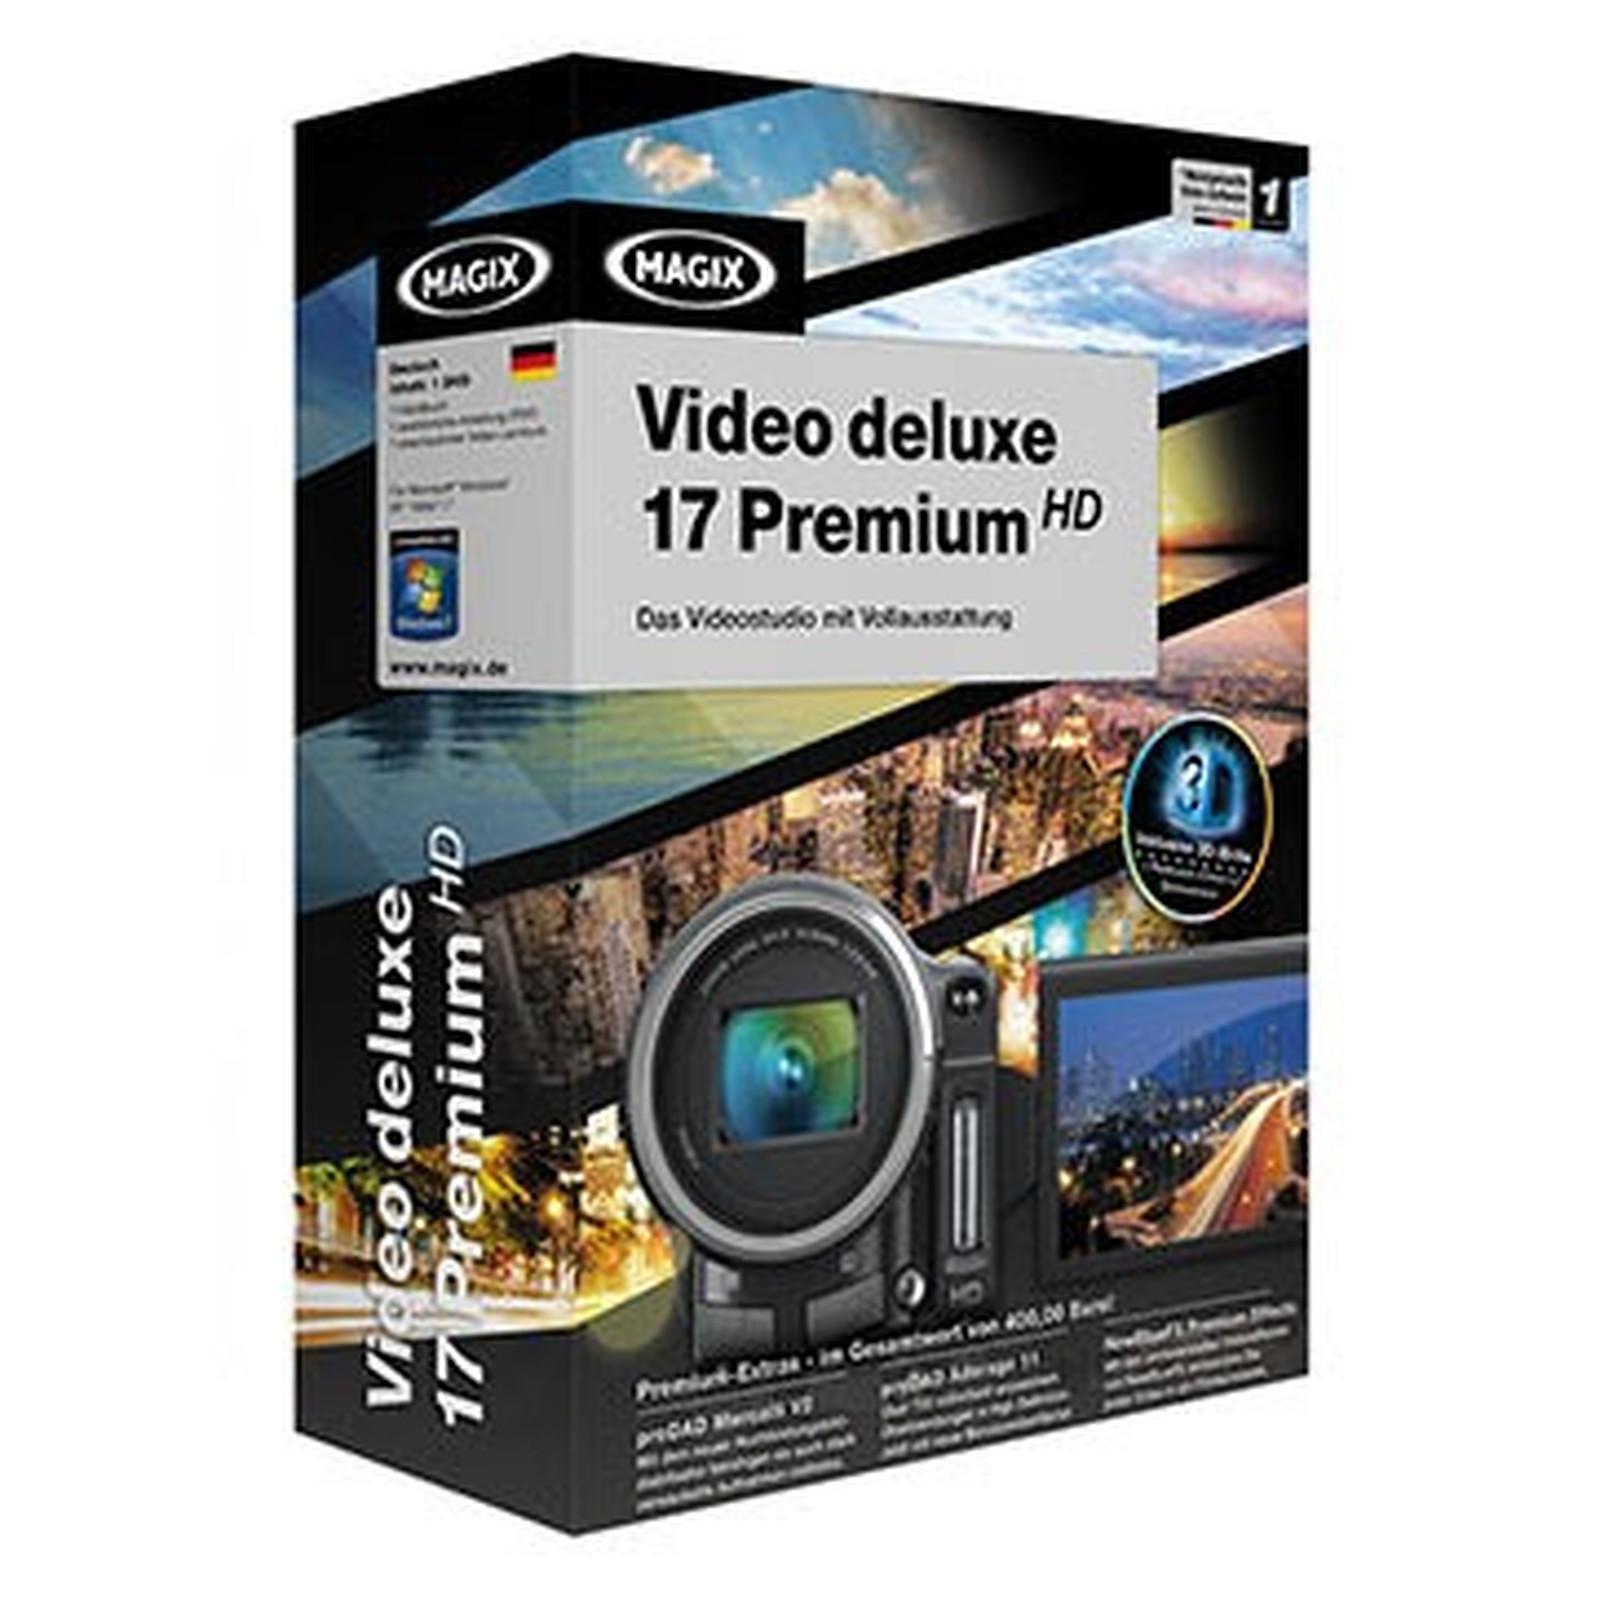 MAGIX Vidéo deluxe 17 Premium